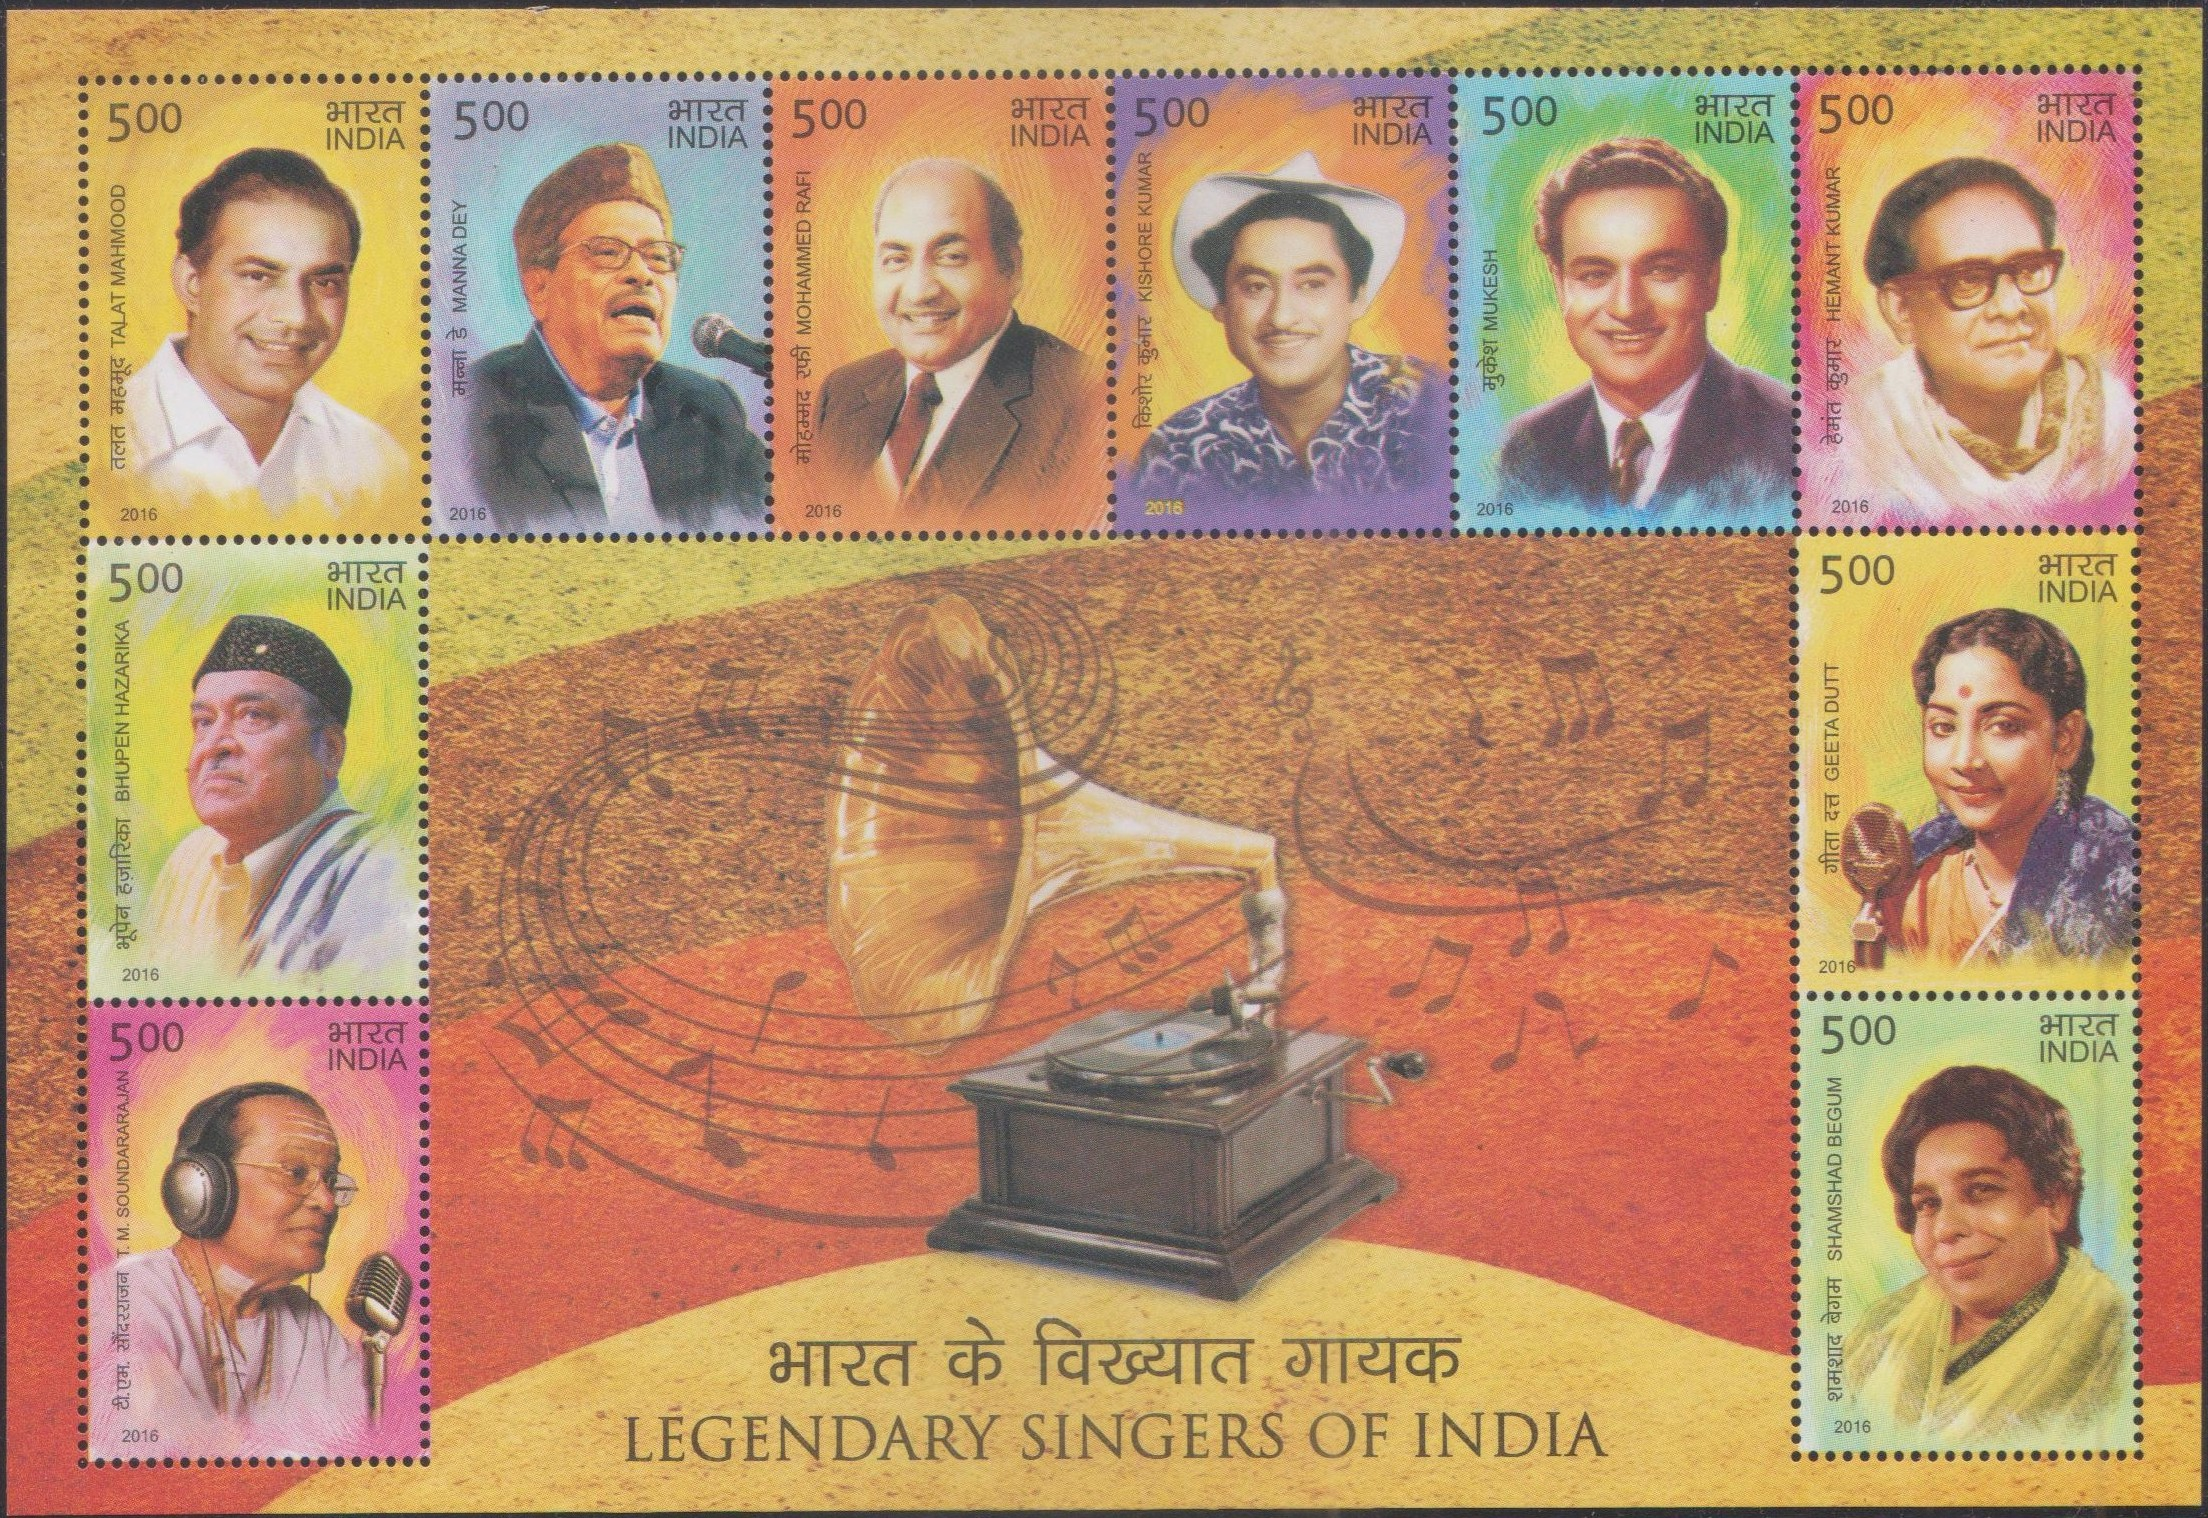 TMS, Hazarika, Talat, Manna, Rafi, Kishore, Mukesh, Hemant, Geeta and Shamshad